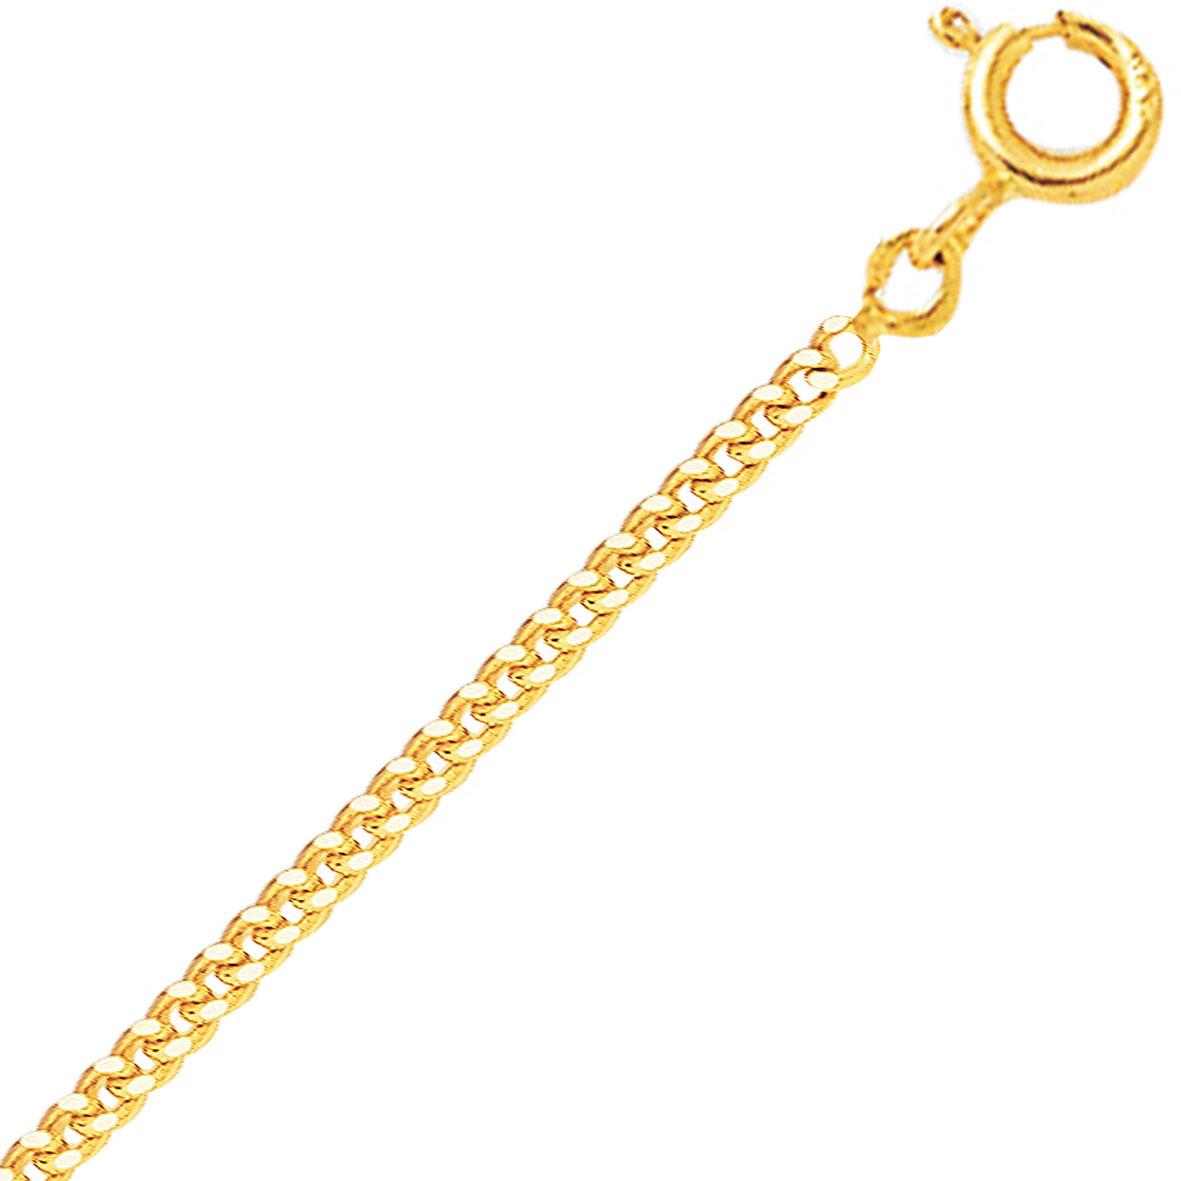 complet dans les spécifications nouvelles photos dernier Chaine en or 9 carats maille Gourmette 2.9g Louna